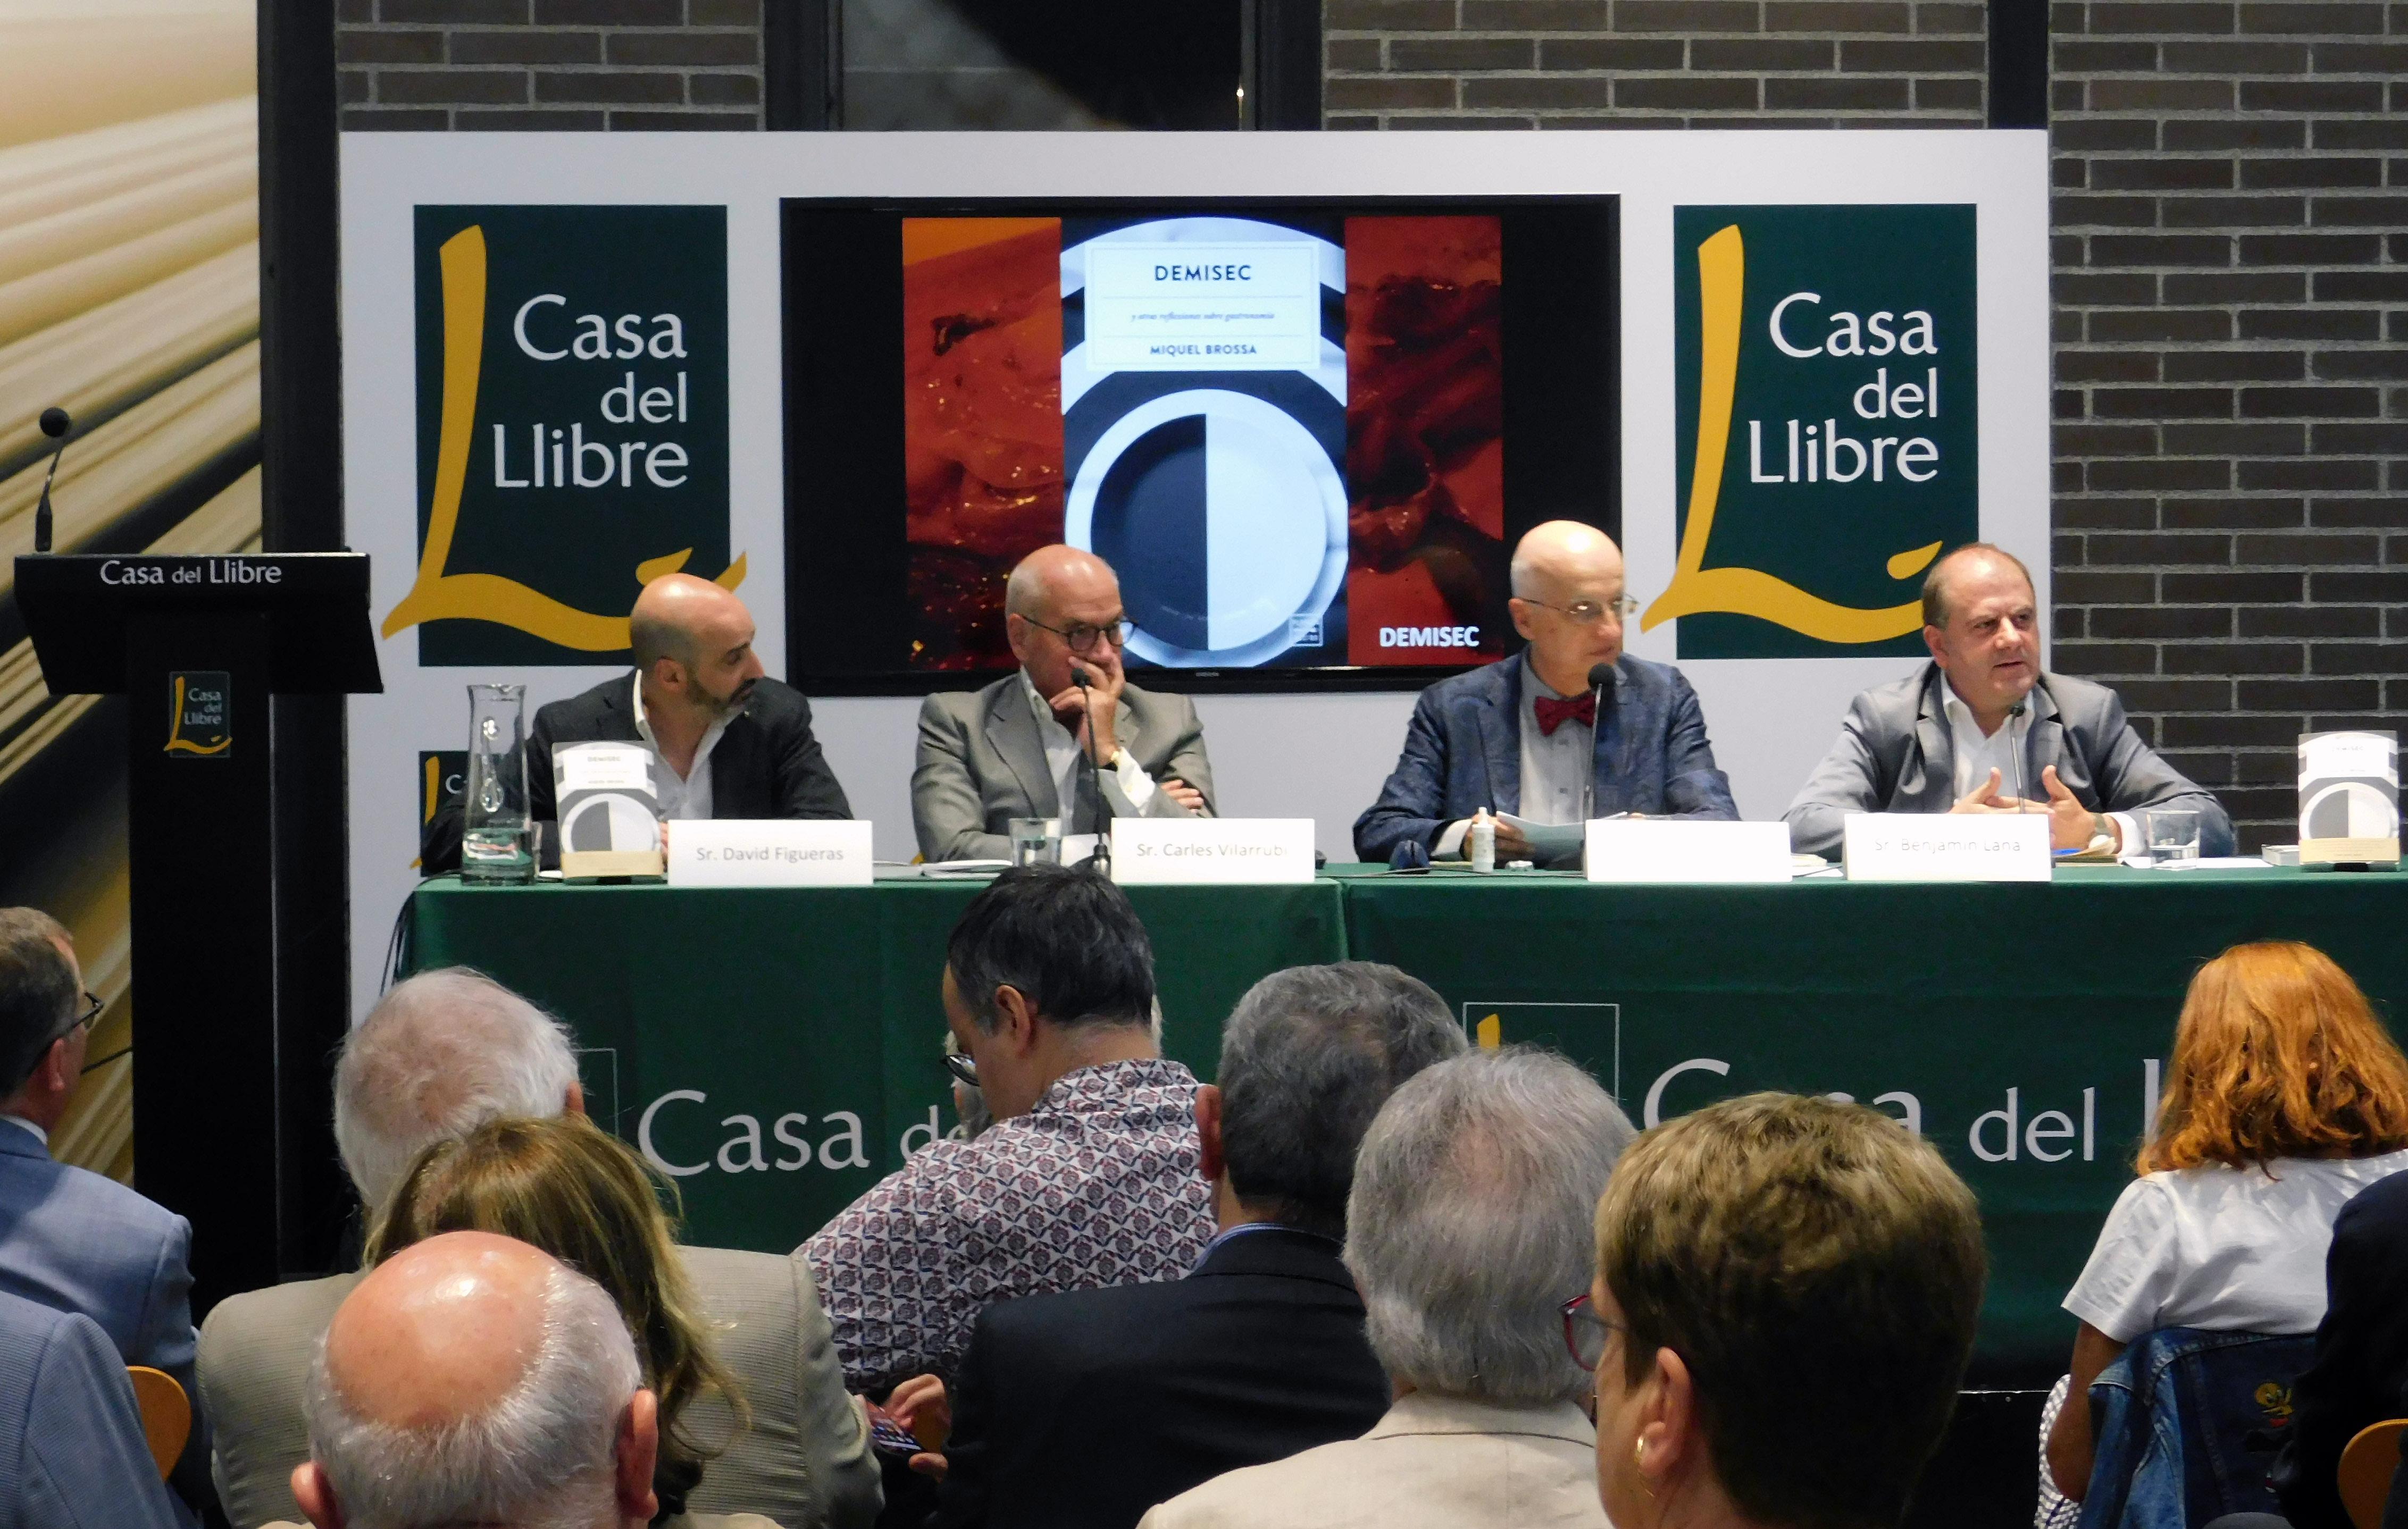 Miquel Brossa reflexiona sobre gastronomía en DEMISEC